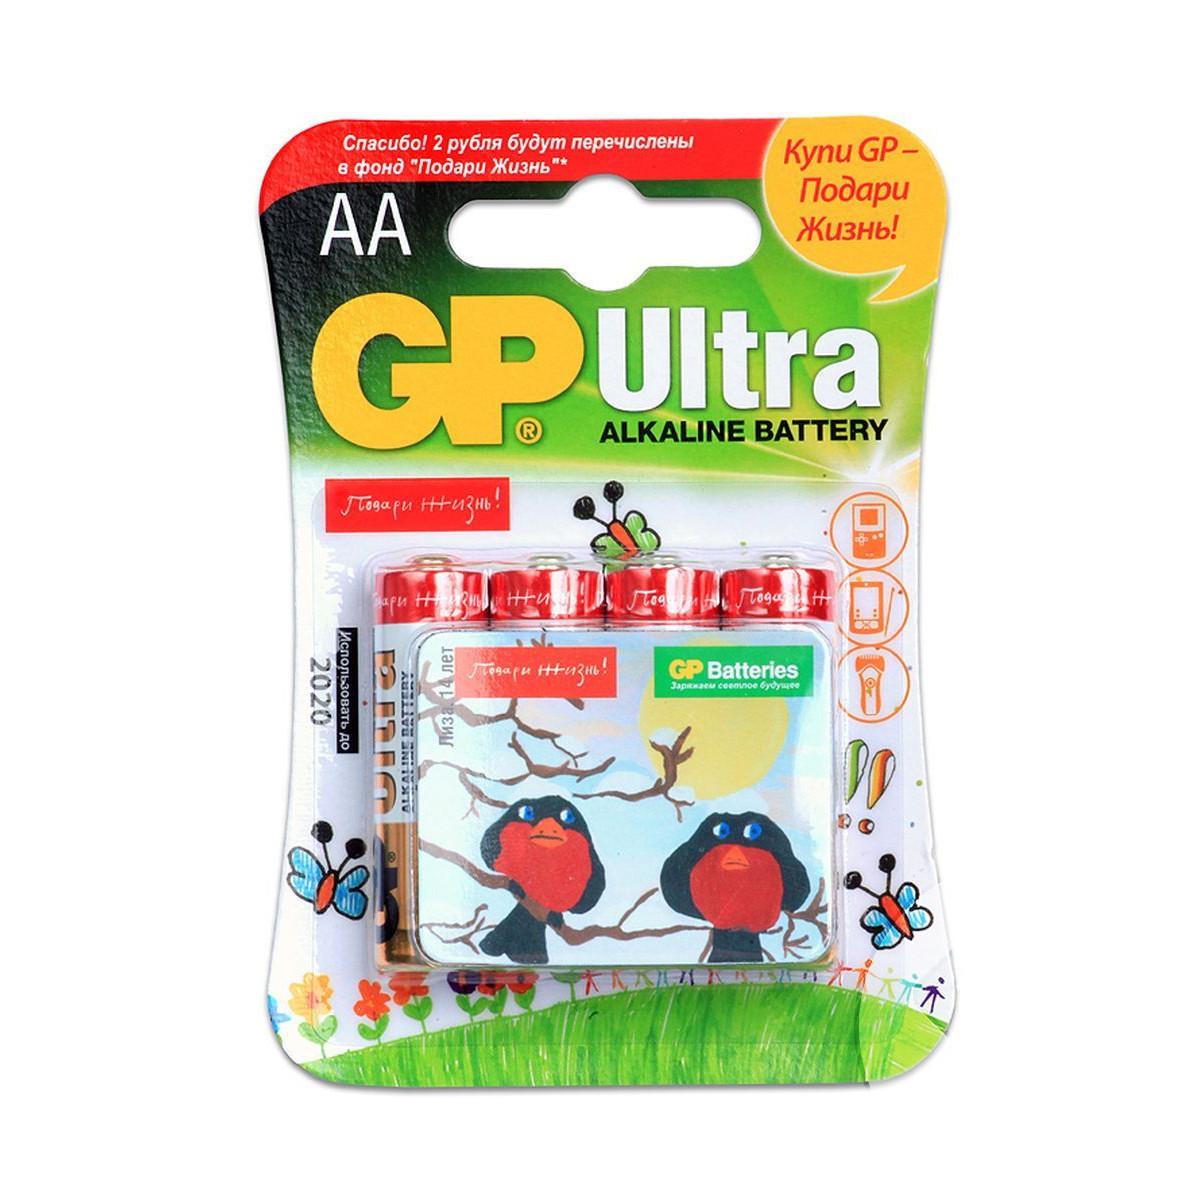 Батарейка GP 24 Ultra AAA, с магнитом Подари Жизнь, в блистере 3 шт.Алкалиновая батарейка GP 24 Ultra, вместе с которой продается магнит Подари жизнь, имеет размер AAА, LR03, четыре изделия упакованы в блистер. Такая  покупка приносит пользу не только вам - часть средств, полученных за нее, будет перечислена в фонд Подари жизнь. Кроме того, изделие обладает отличным качеством, оно подходит для обеспечения энергией различных приборов - пультов, радио и игрушек. Приобрести набор батареек можно в магазине Hamleys - там вы встретите приятные цены. Также покупку можно совершить и на сайте. Покупатели, которые уже приобрели данный товар, оставляют хорошие отзывы. Условия доставки магазина Hamleys очень удобны - в Москве, Санкт-Петербурге и Краснодаре действует курьерская доставка по адресу с оплатой наличными или карточкой, а во всех остальных городах России можно оплатить покупку с помощью наложенного платежа.<br>